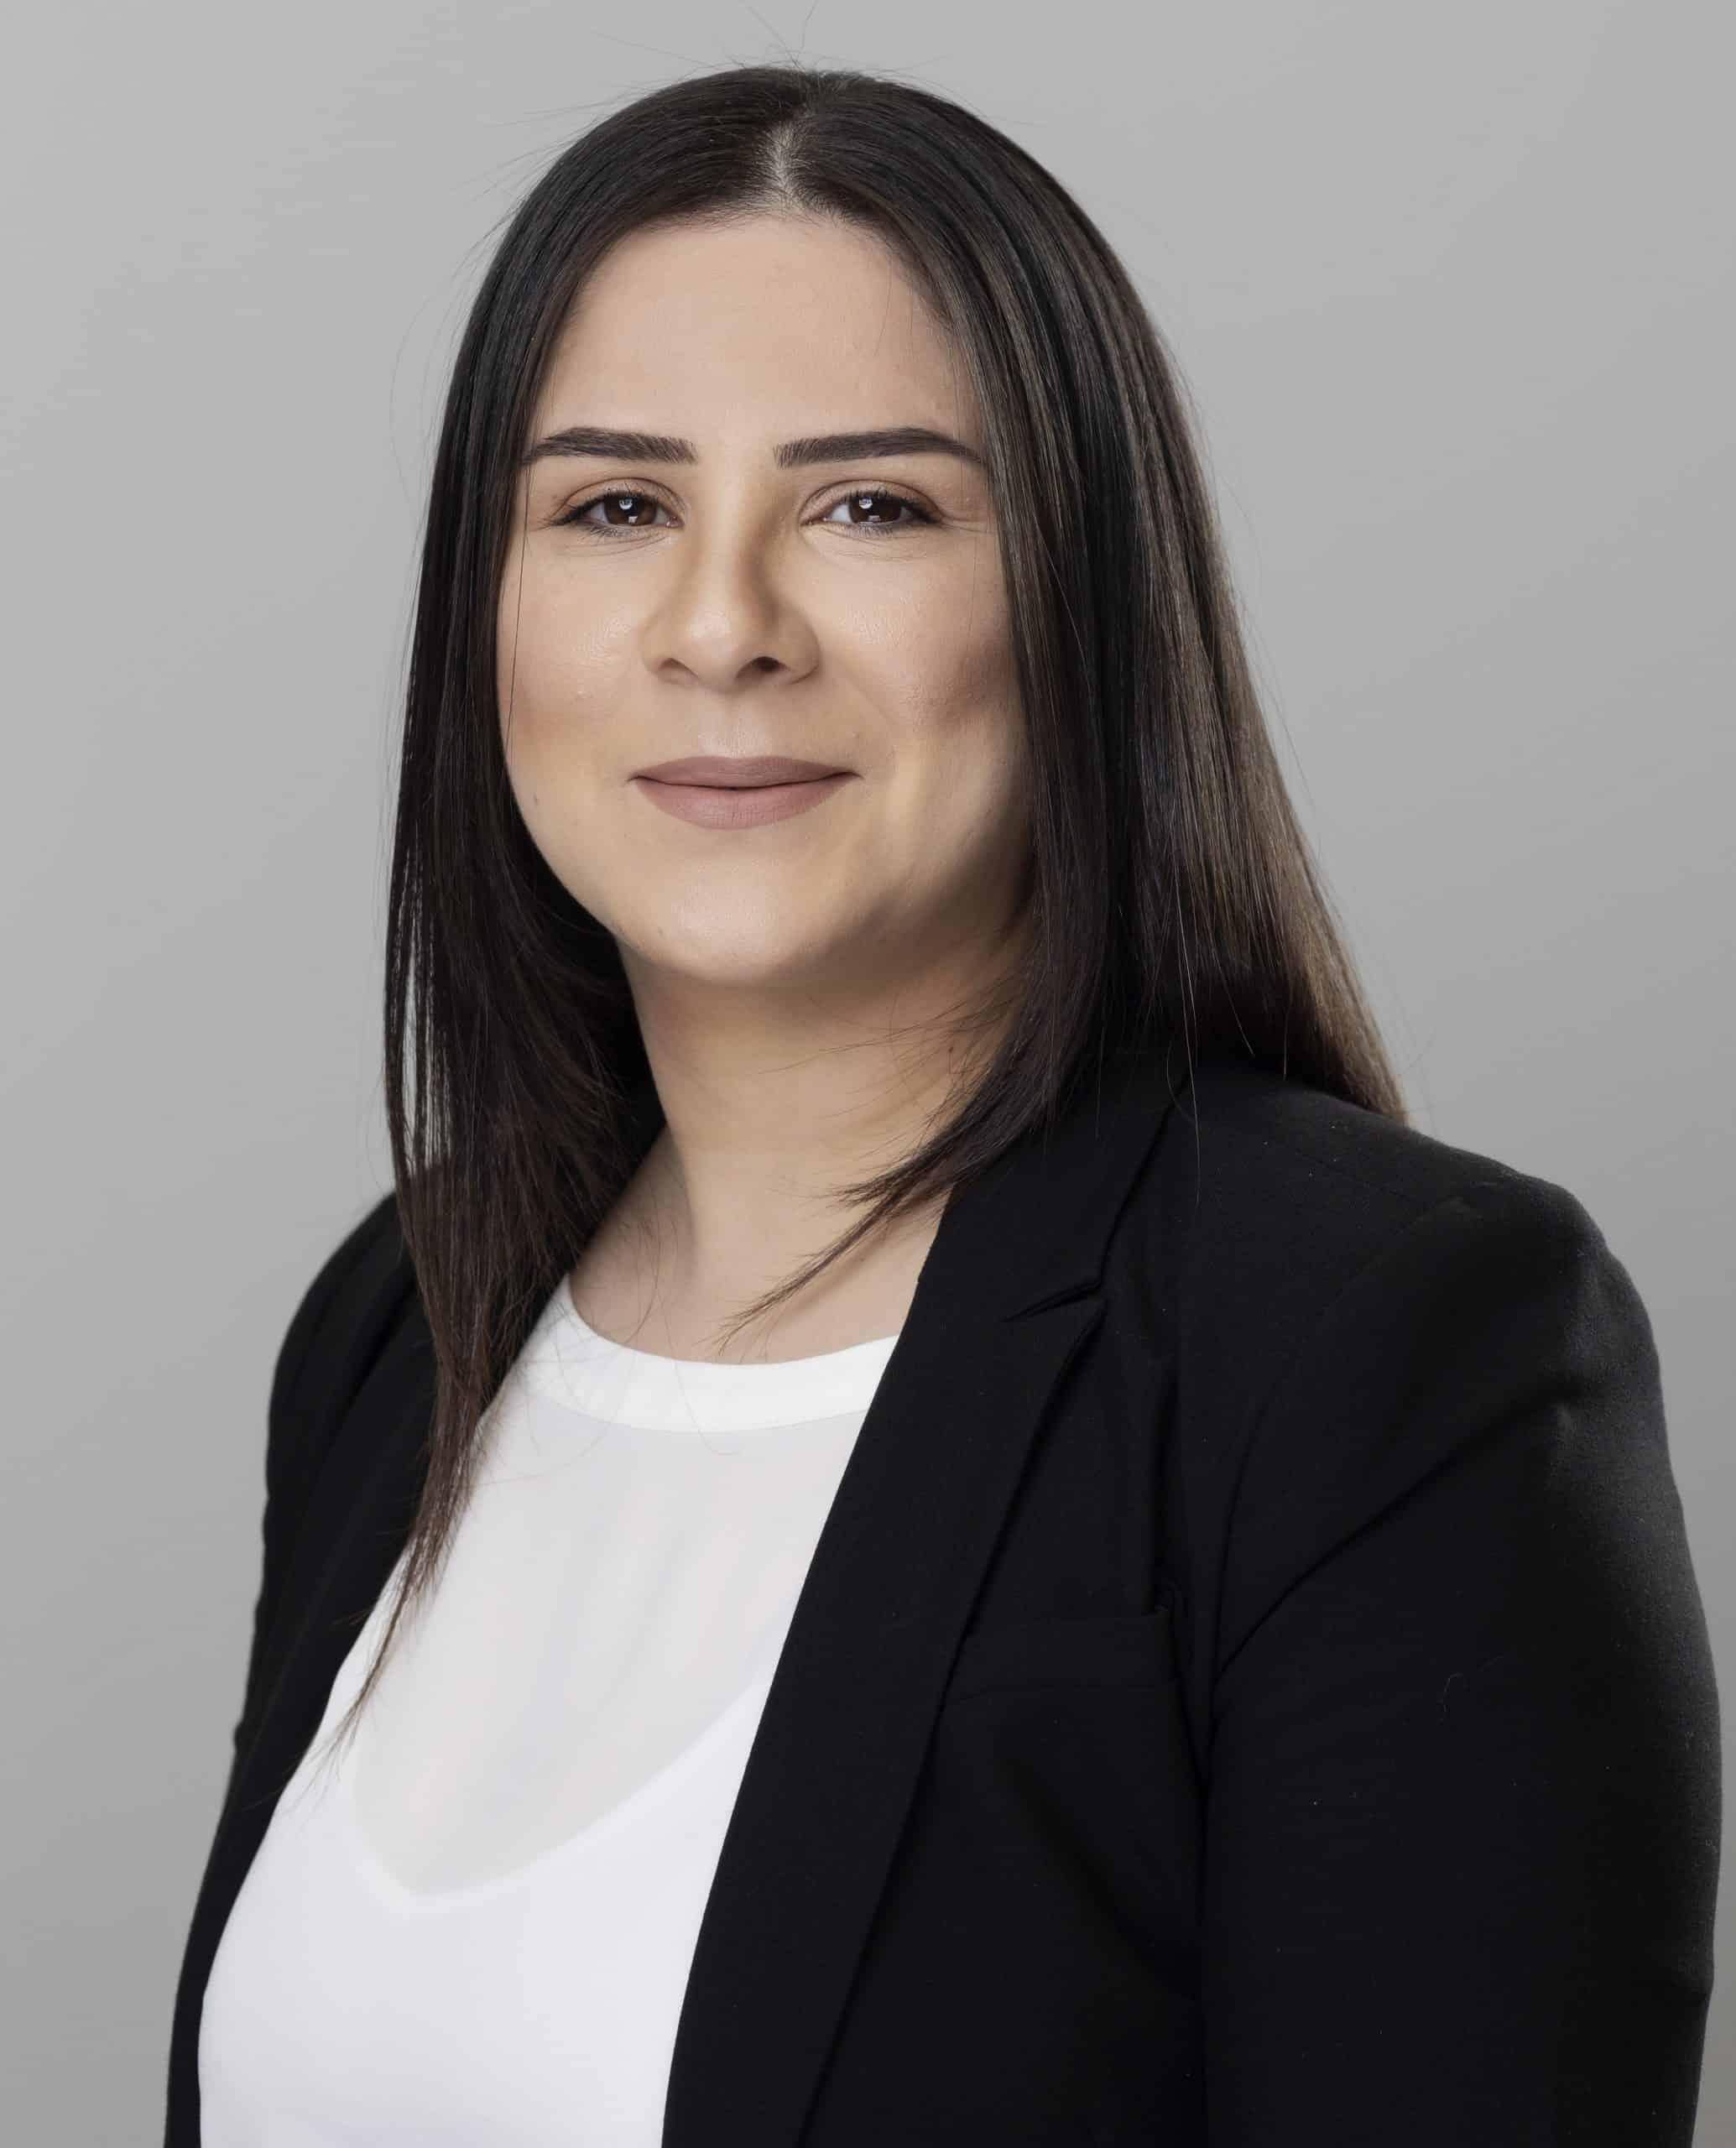 Sandra Isteevan